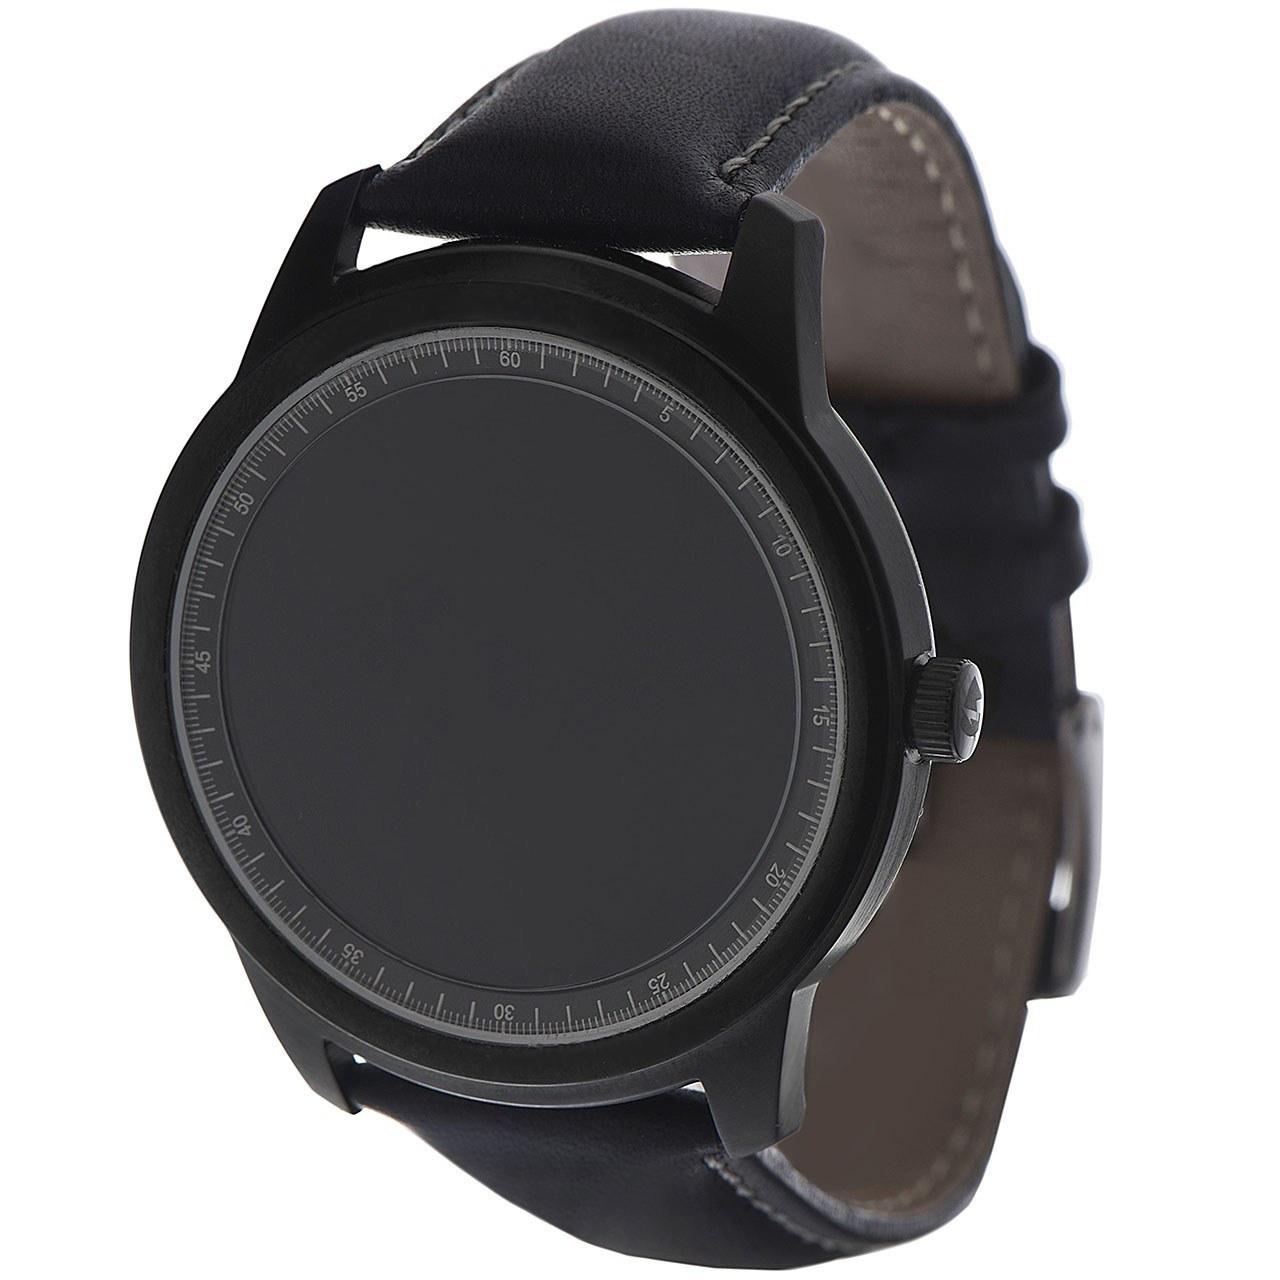 ساعت هوشمند لمفو مدل Lem1 Black | Lemfo Lem1 Black SmartWatch